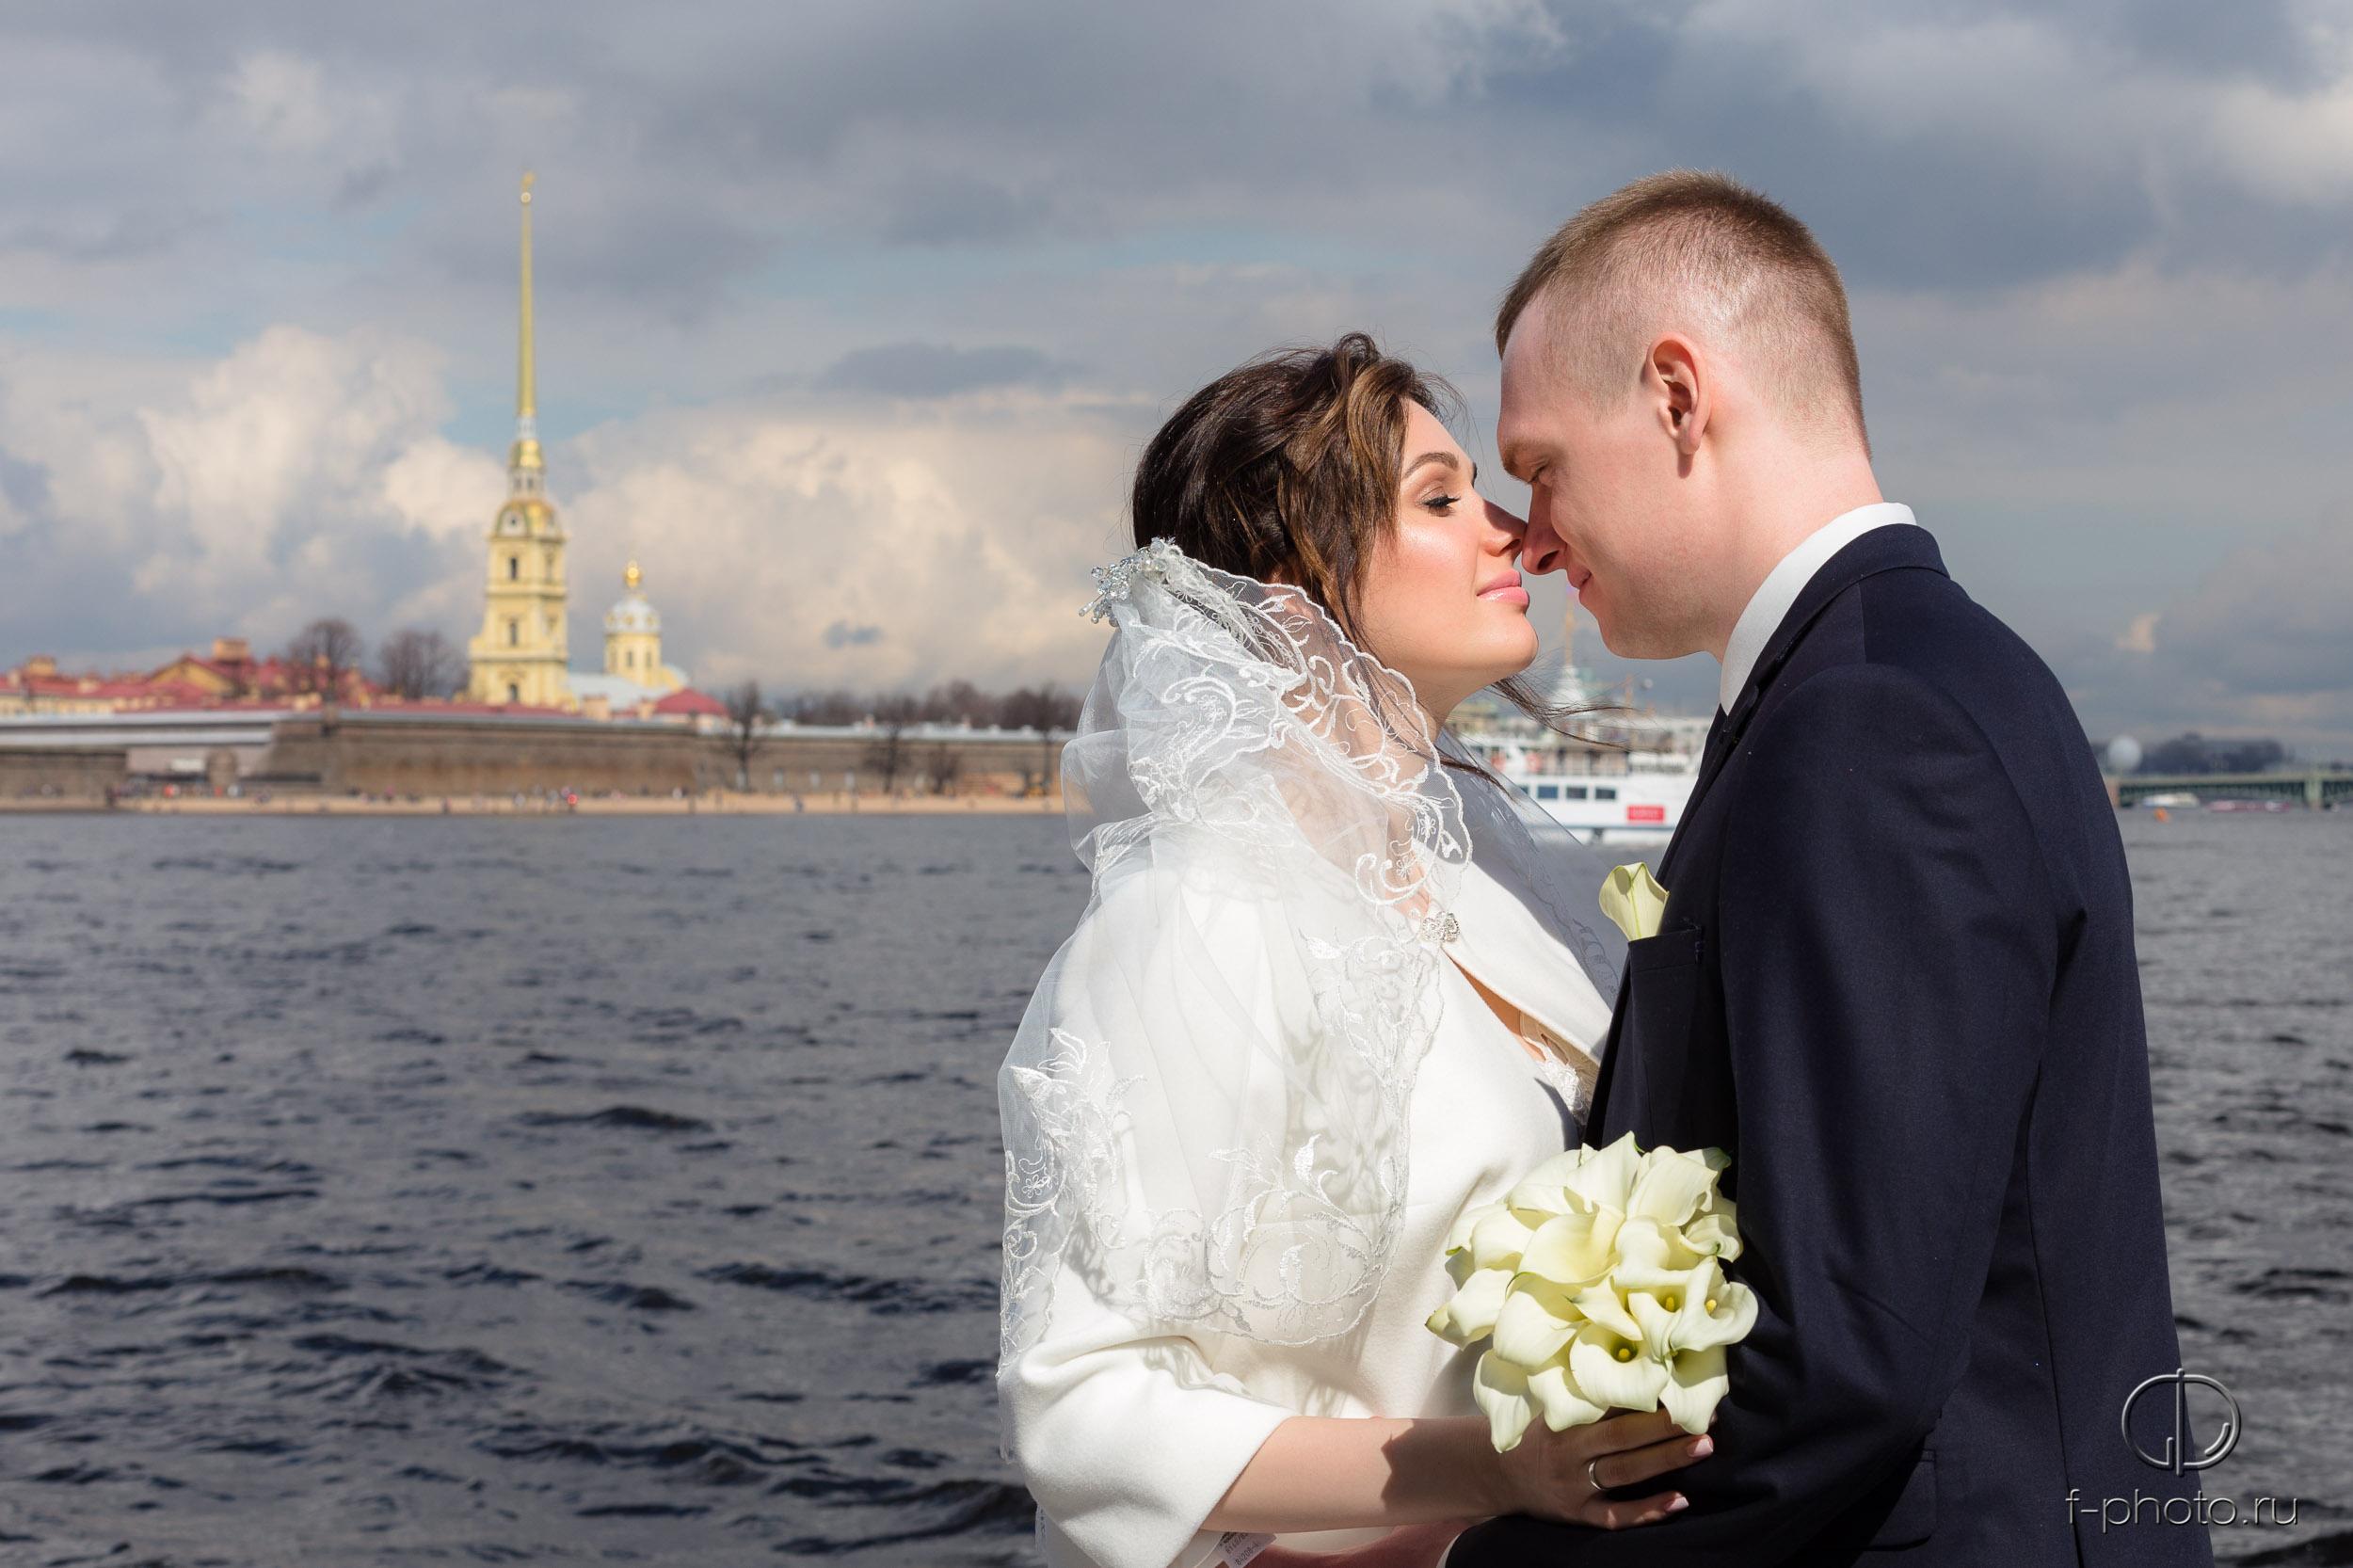 Свадебная прогулка в Петербурге